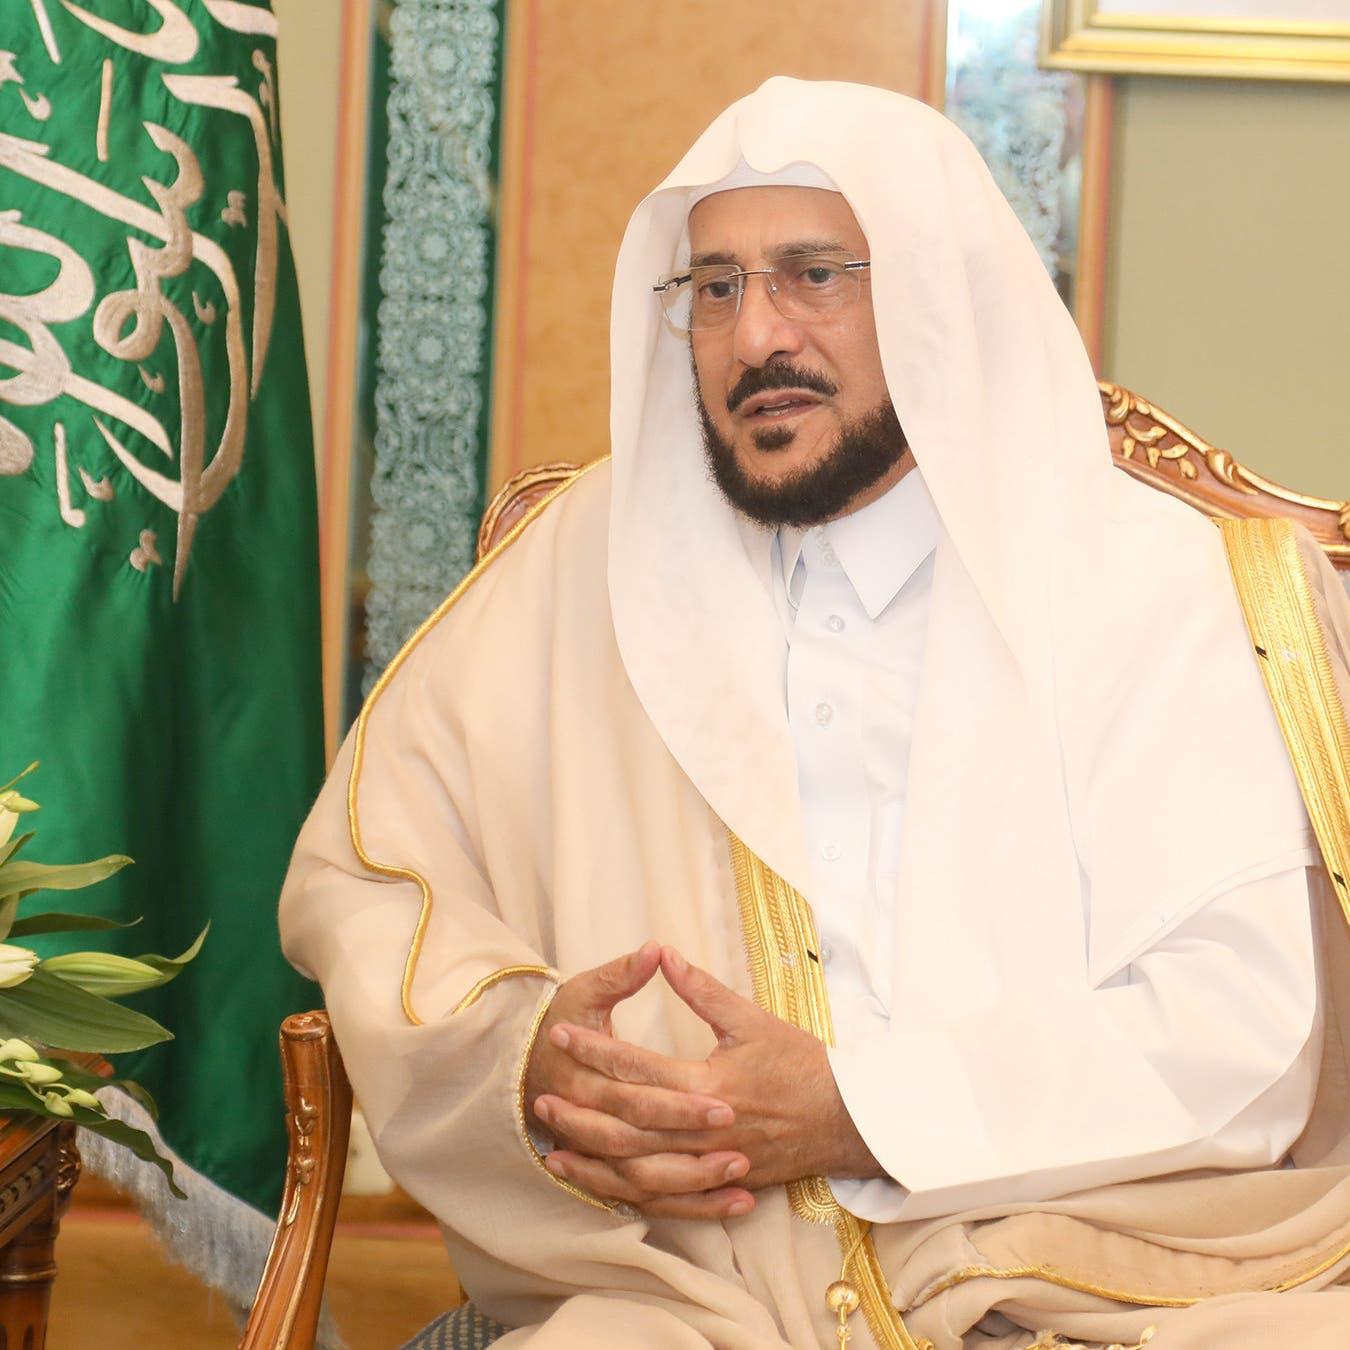 خطباء الجمعة في السعودية يحذرون من خطر جماعة الإخوان